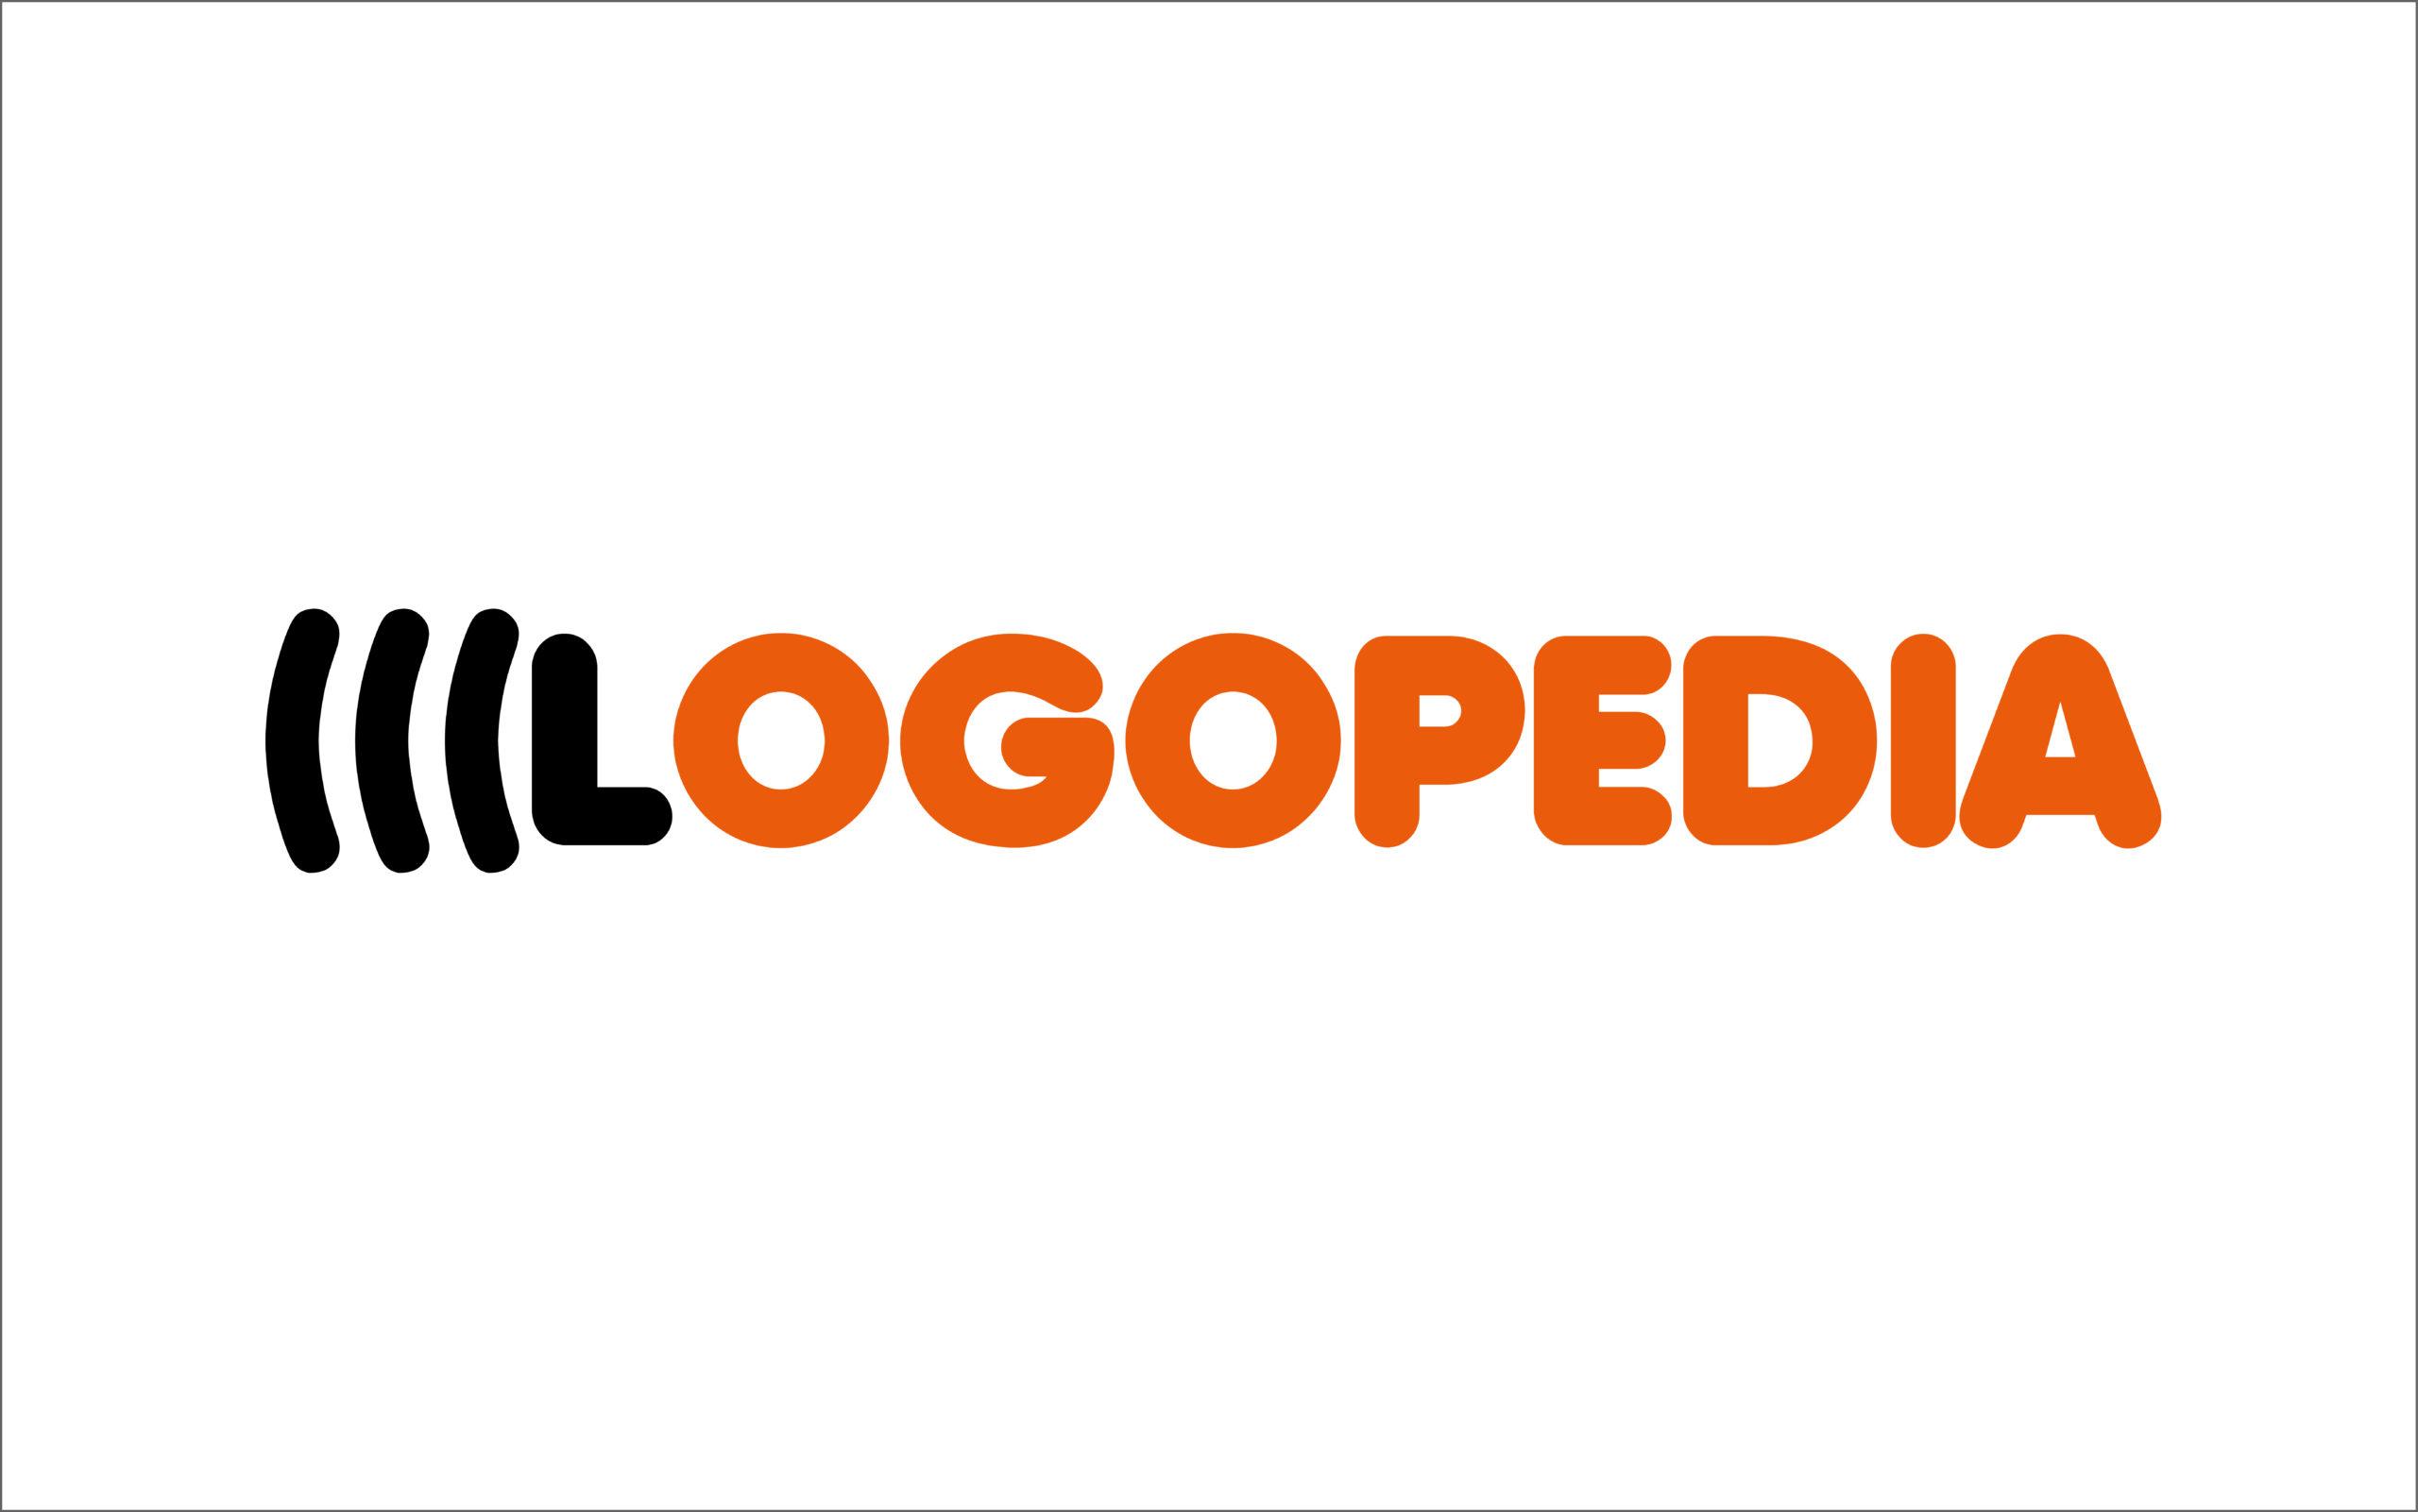 LOGOPEDIA-2-scaled.jpg